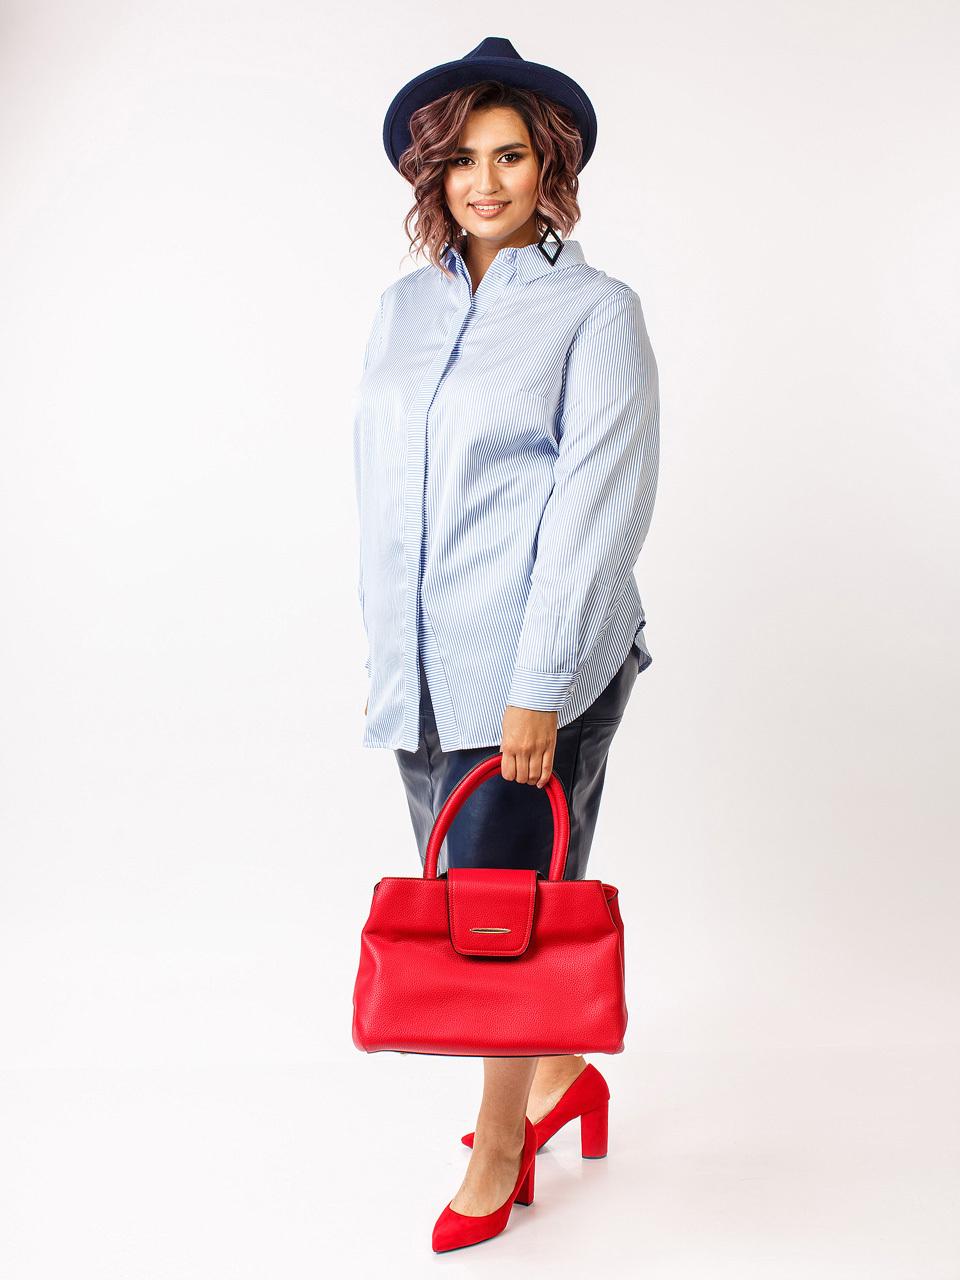 Блузки Блузка в стиле casual НБ186-36 E2bOy7im.jpg